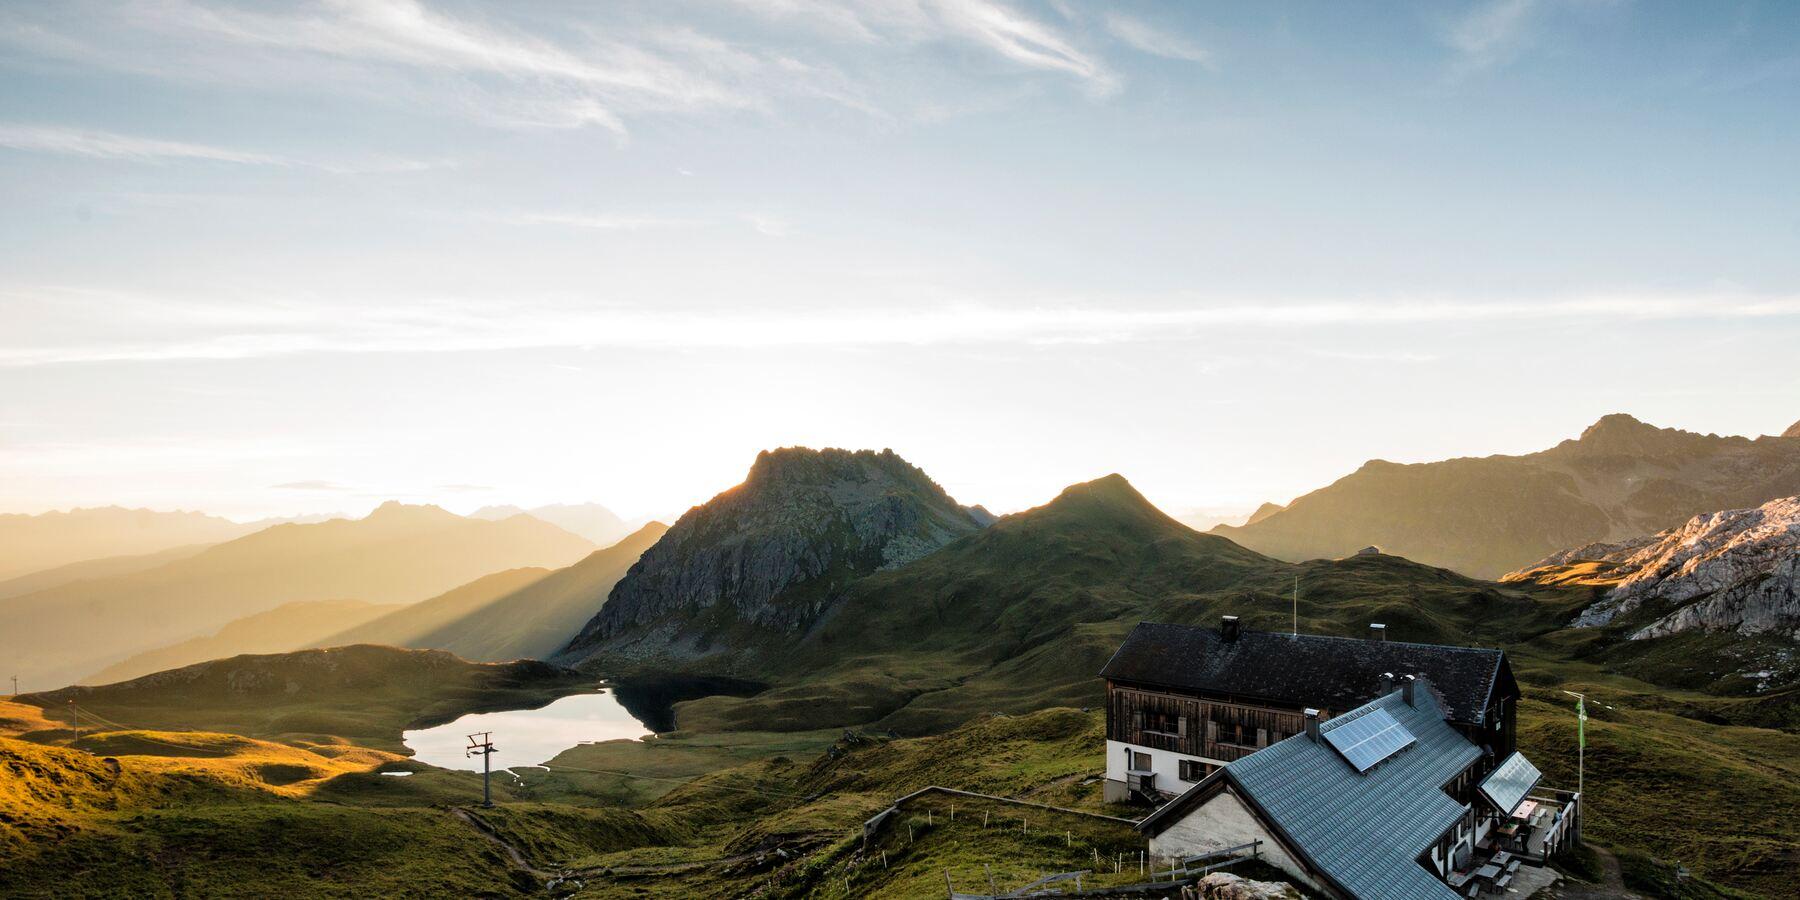 Wandern auf den schönsten Touren | Montafon, Vorarlberg